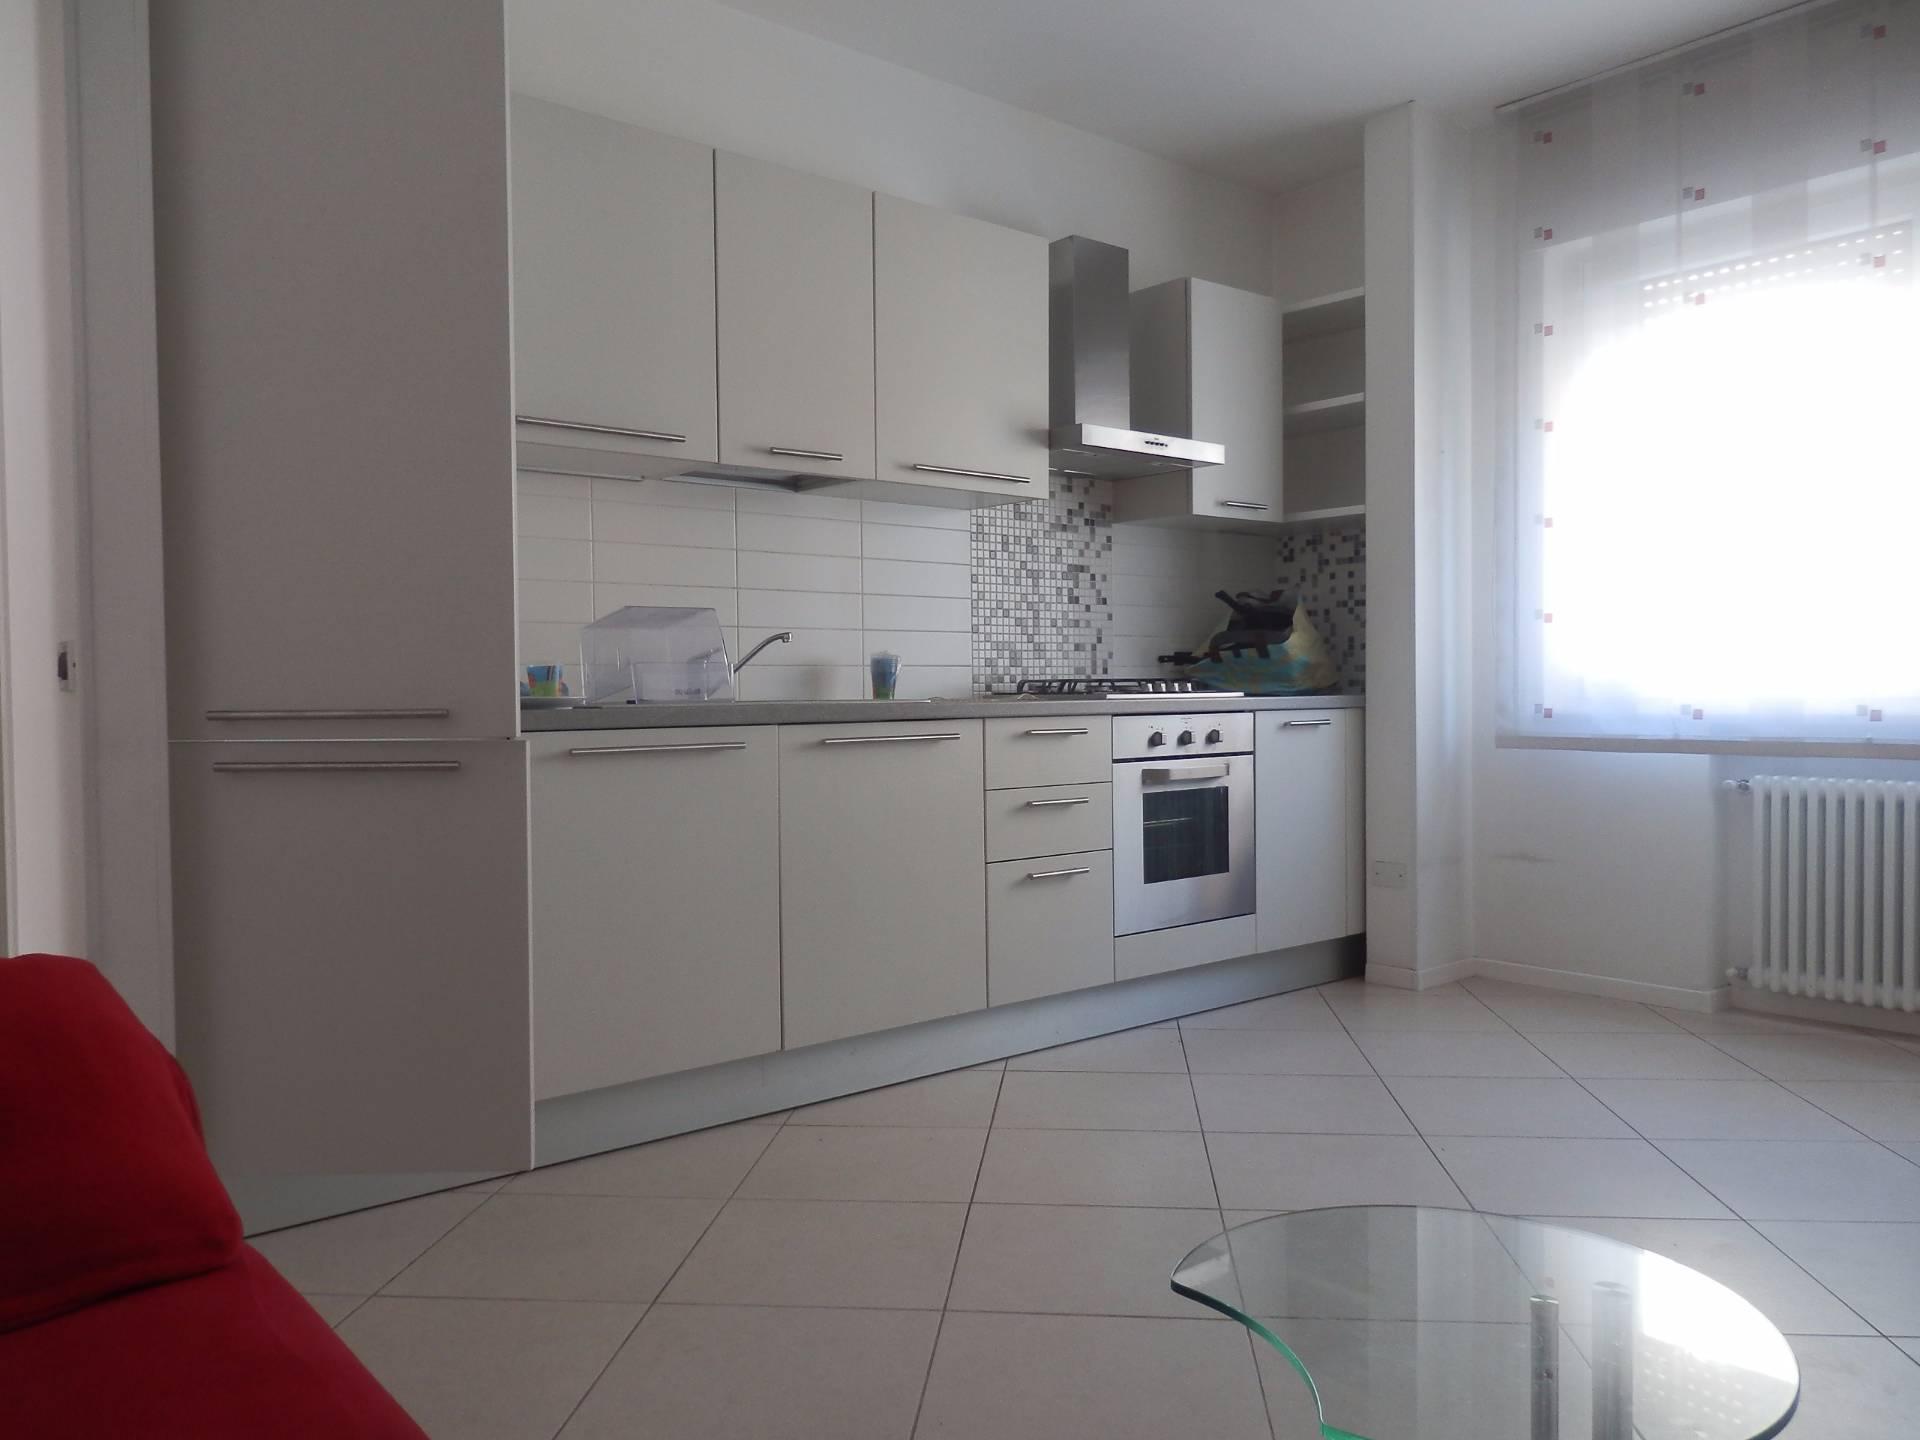 Appartamento in affitto a Bolzano, 3 locali, zona Località: tribunale, prezzo € 1.000 | Cambio Casa.it